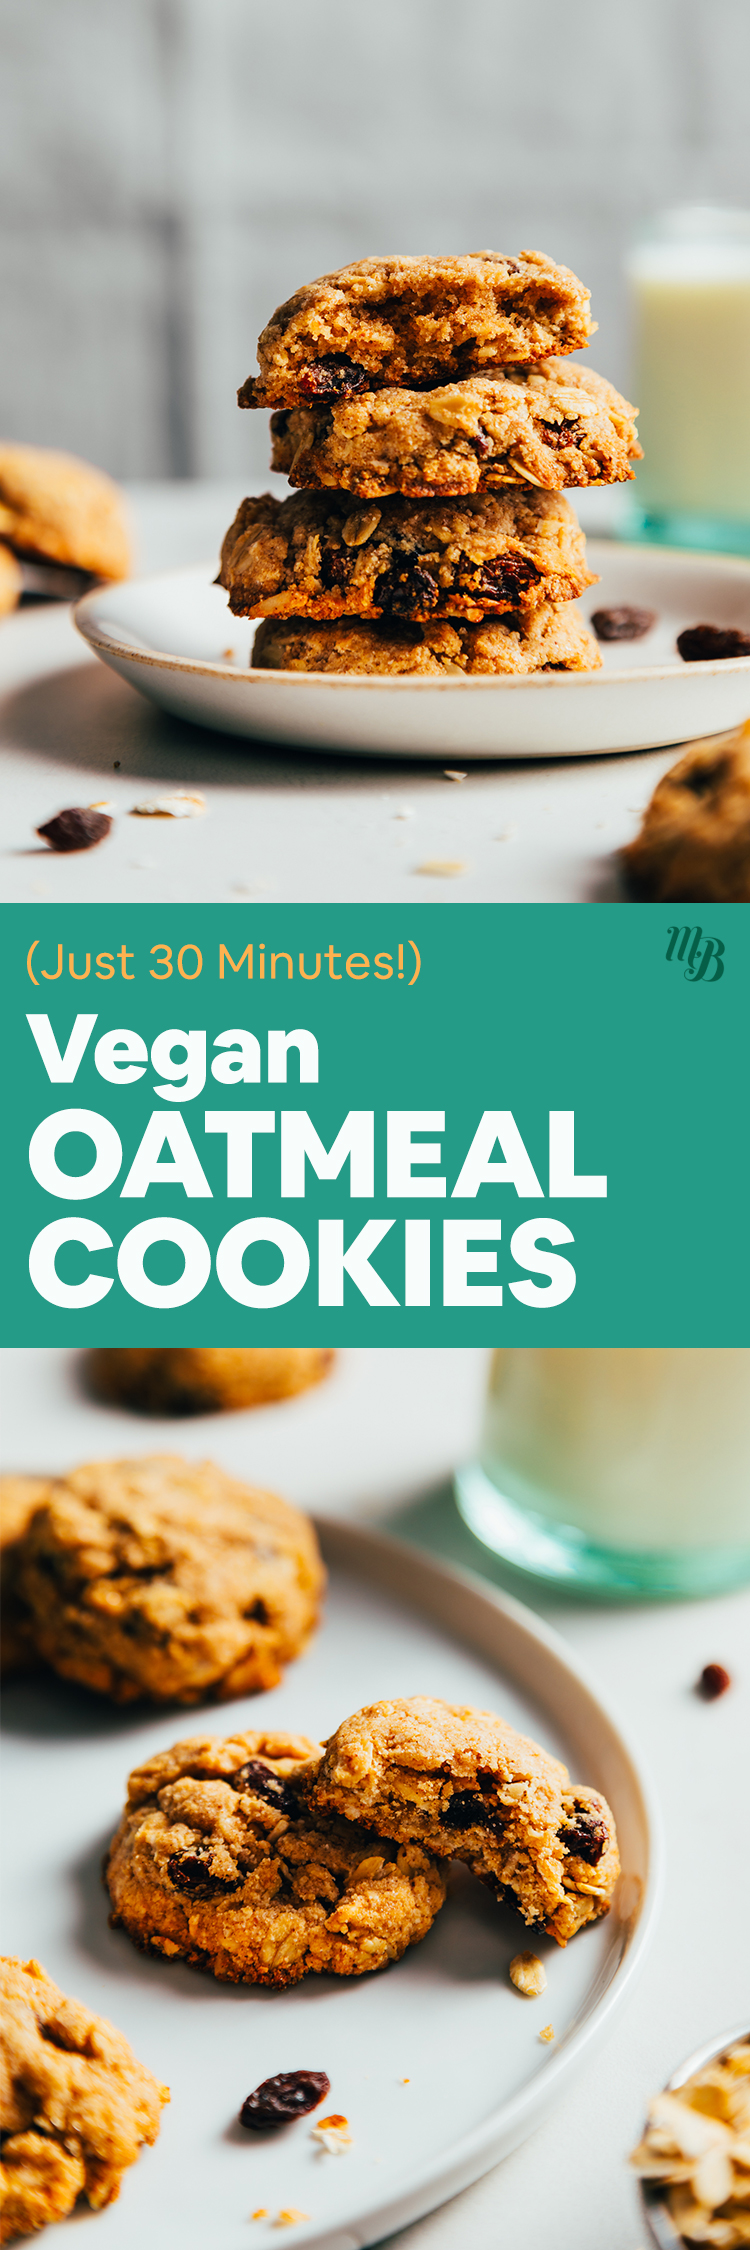 Verem és tányér vegán és gluténmentes zabpehely